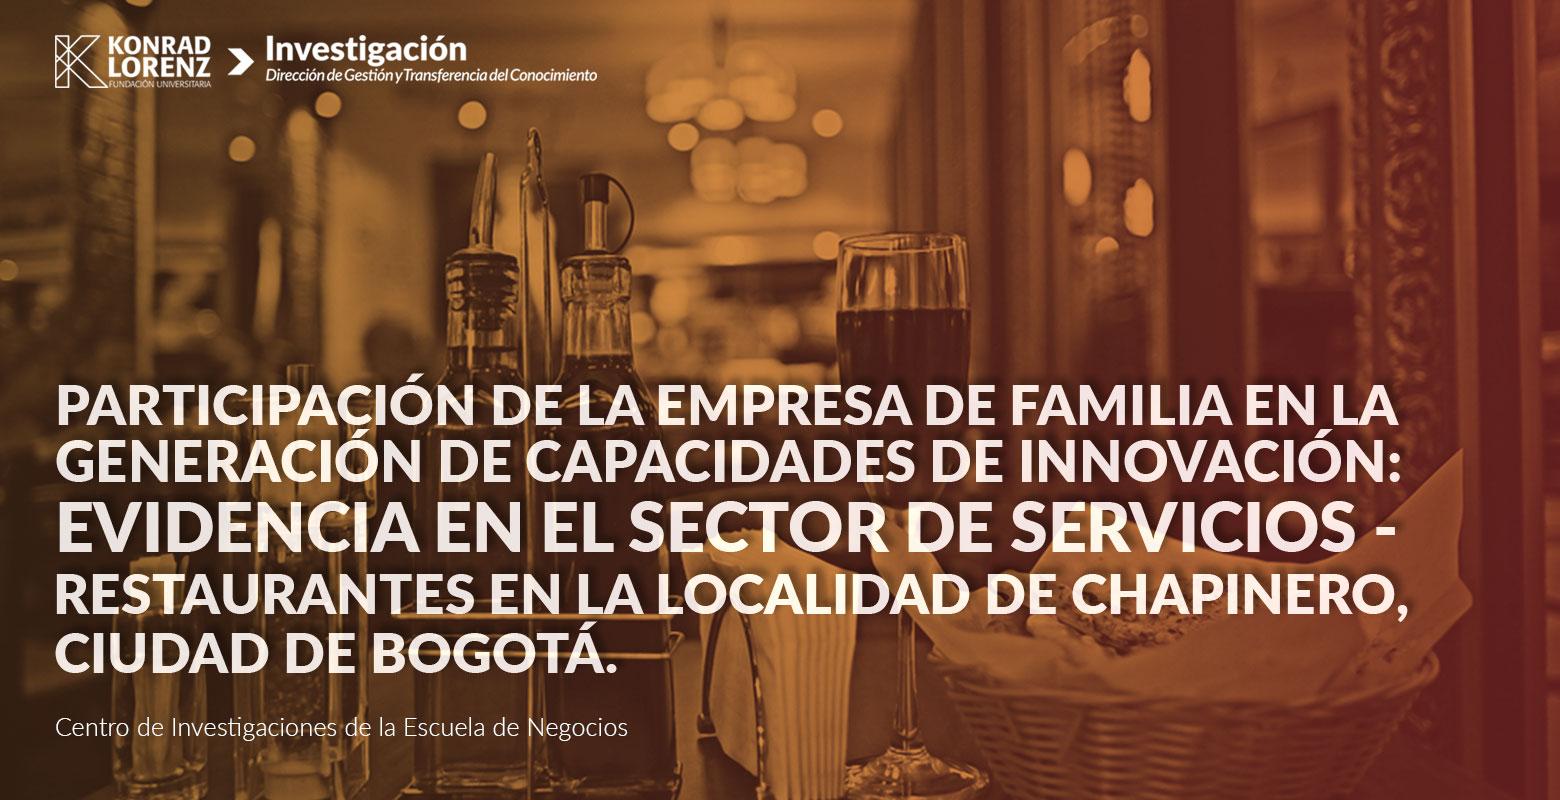 Participación de la empresa de familia en la generación de capacidades de innovación: Evidencia en el sector de servicios – Restaurantes en la localidad de Chapinero, ciudad de Bogotá